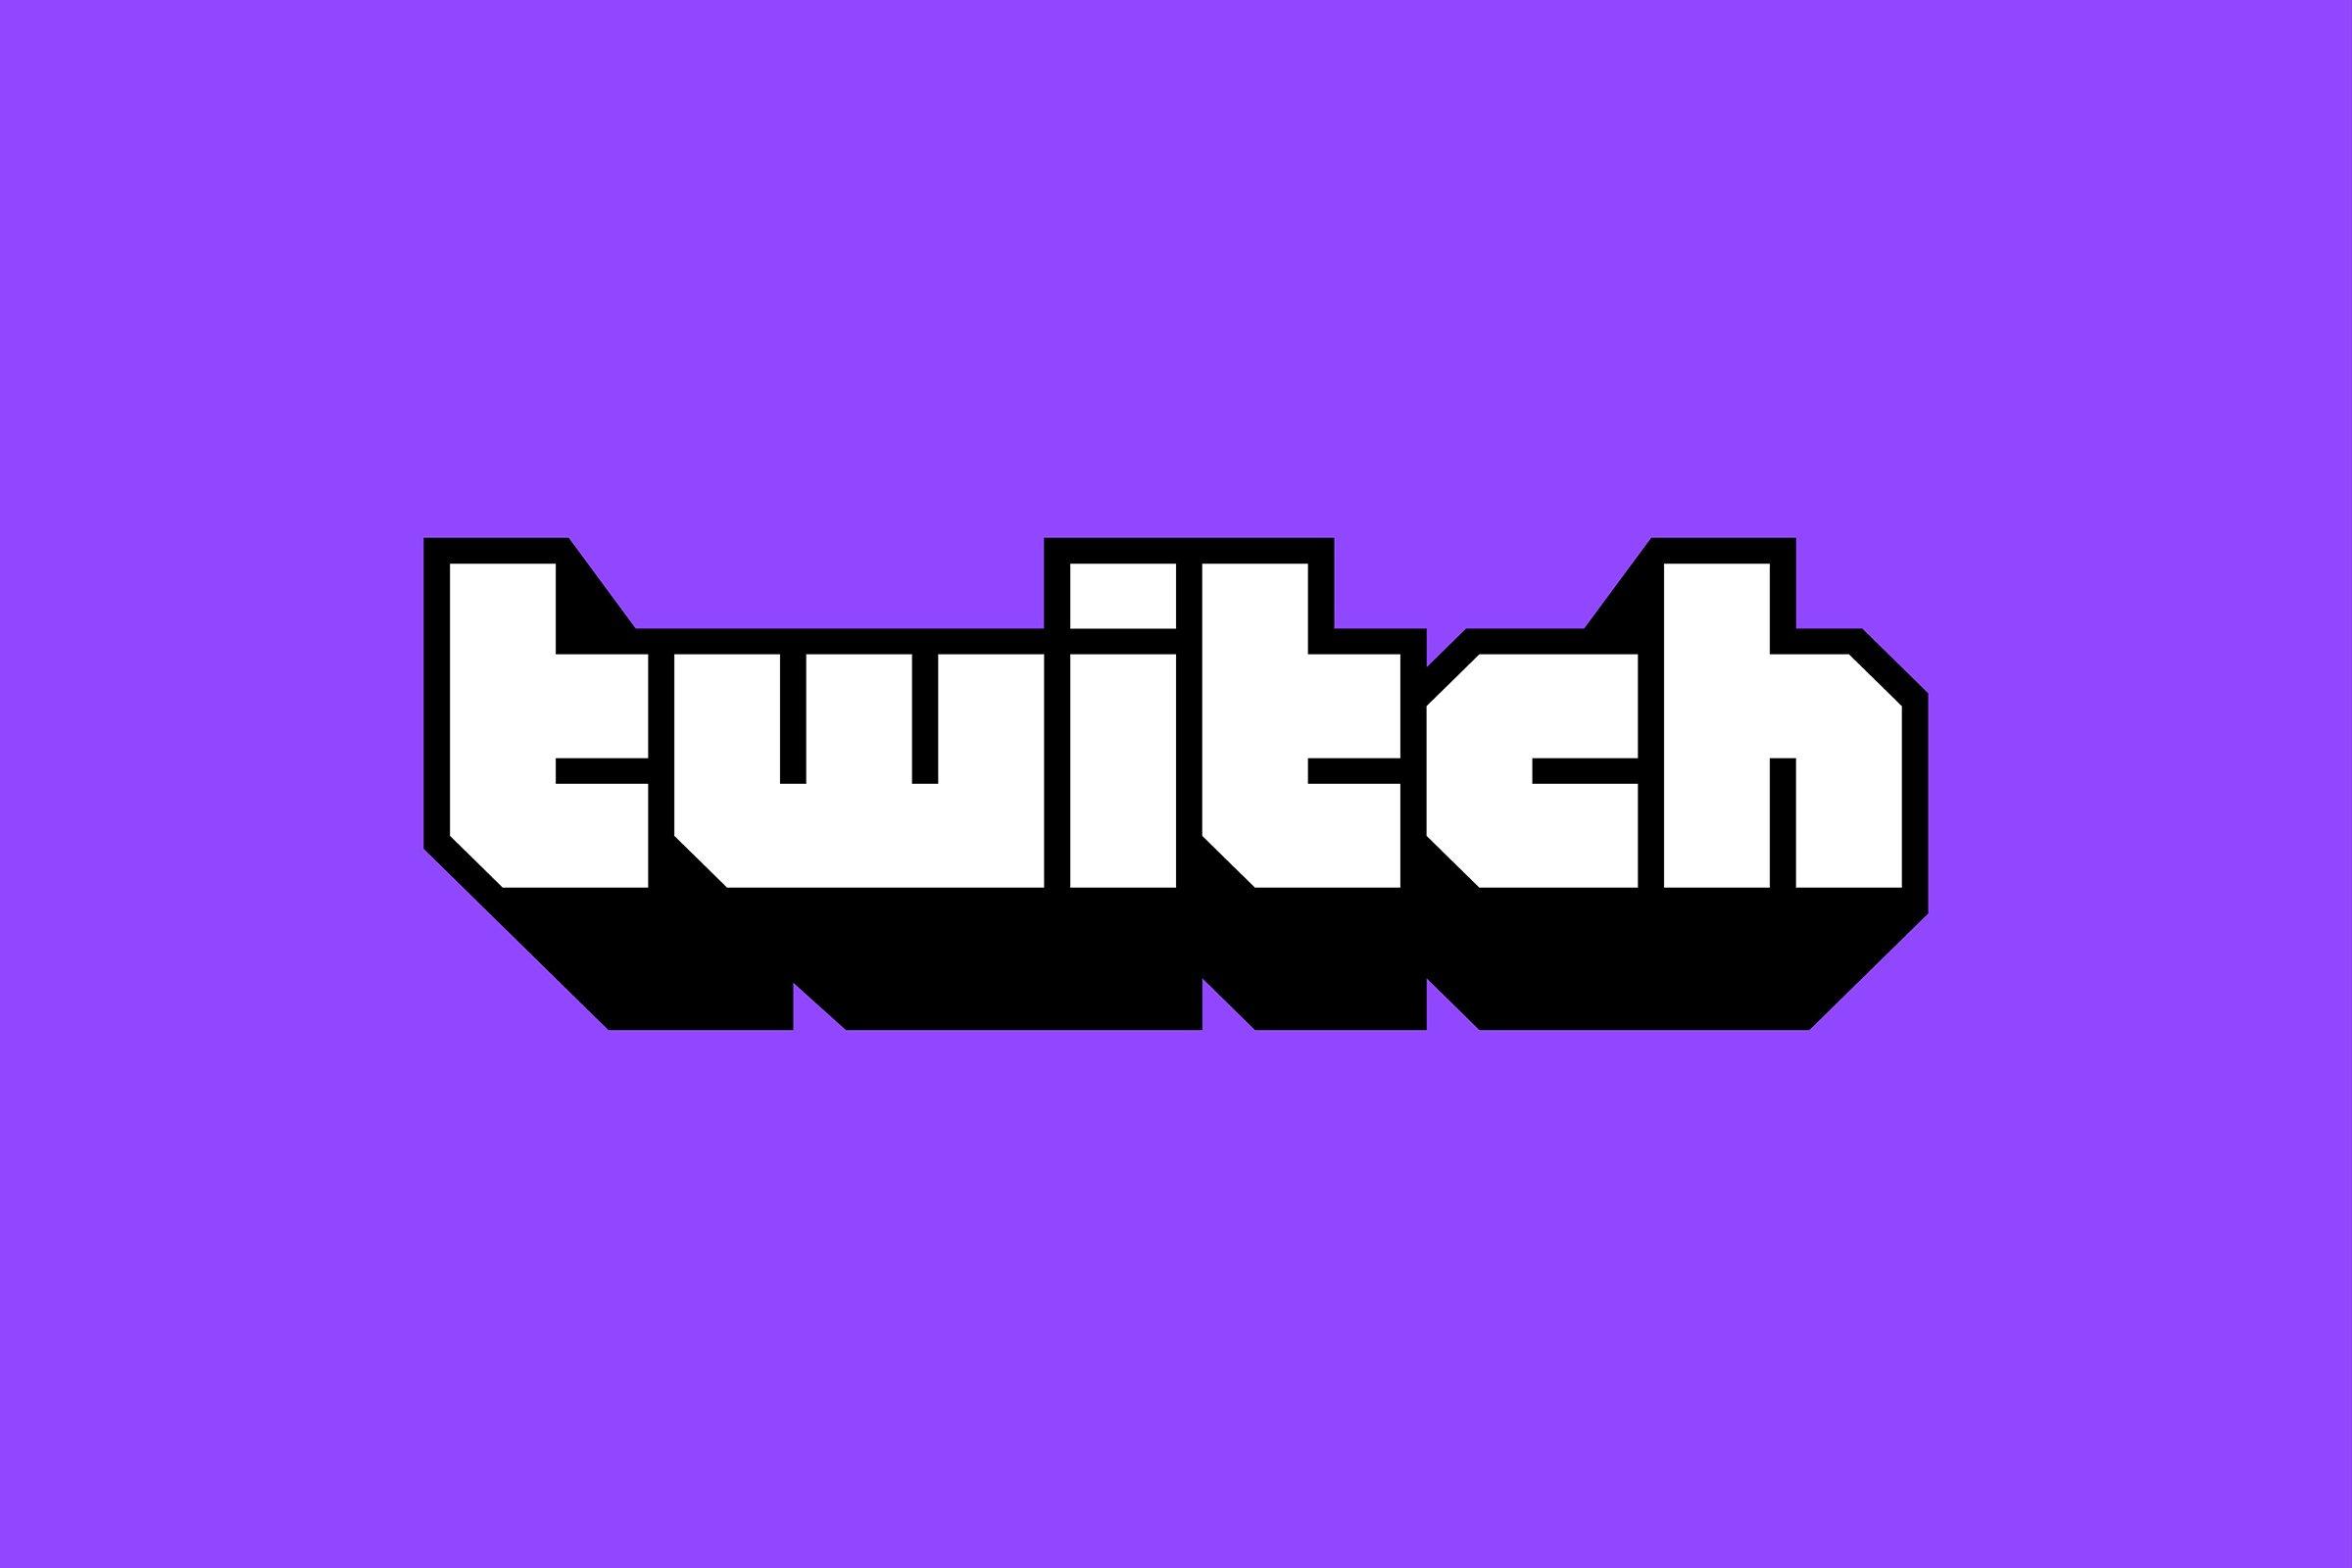 A plataforma de streaming Twitch sofreu meses consecutivos de perda de views pela primeira vez na sua história desde que foi adquirida pela Amazon.